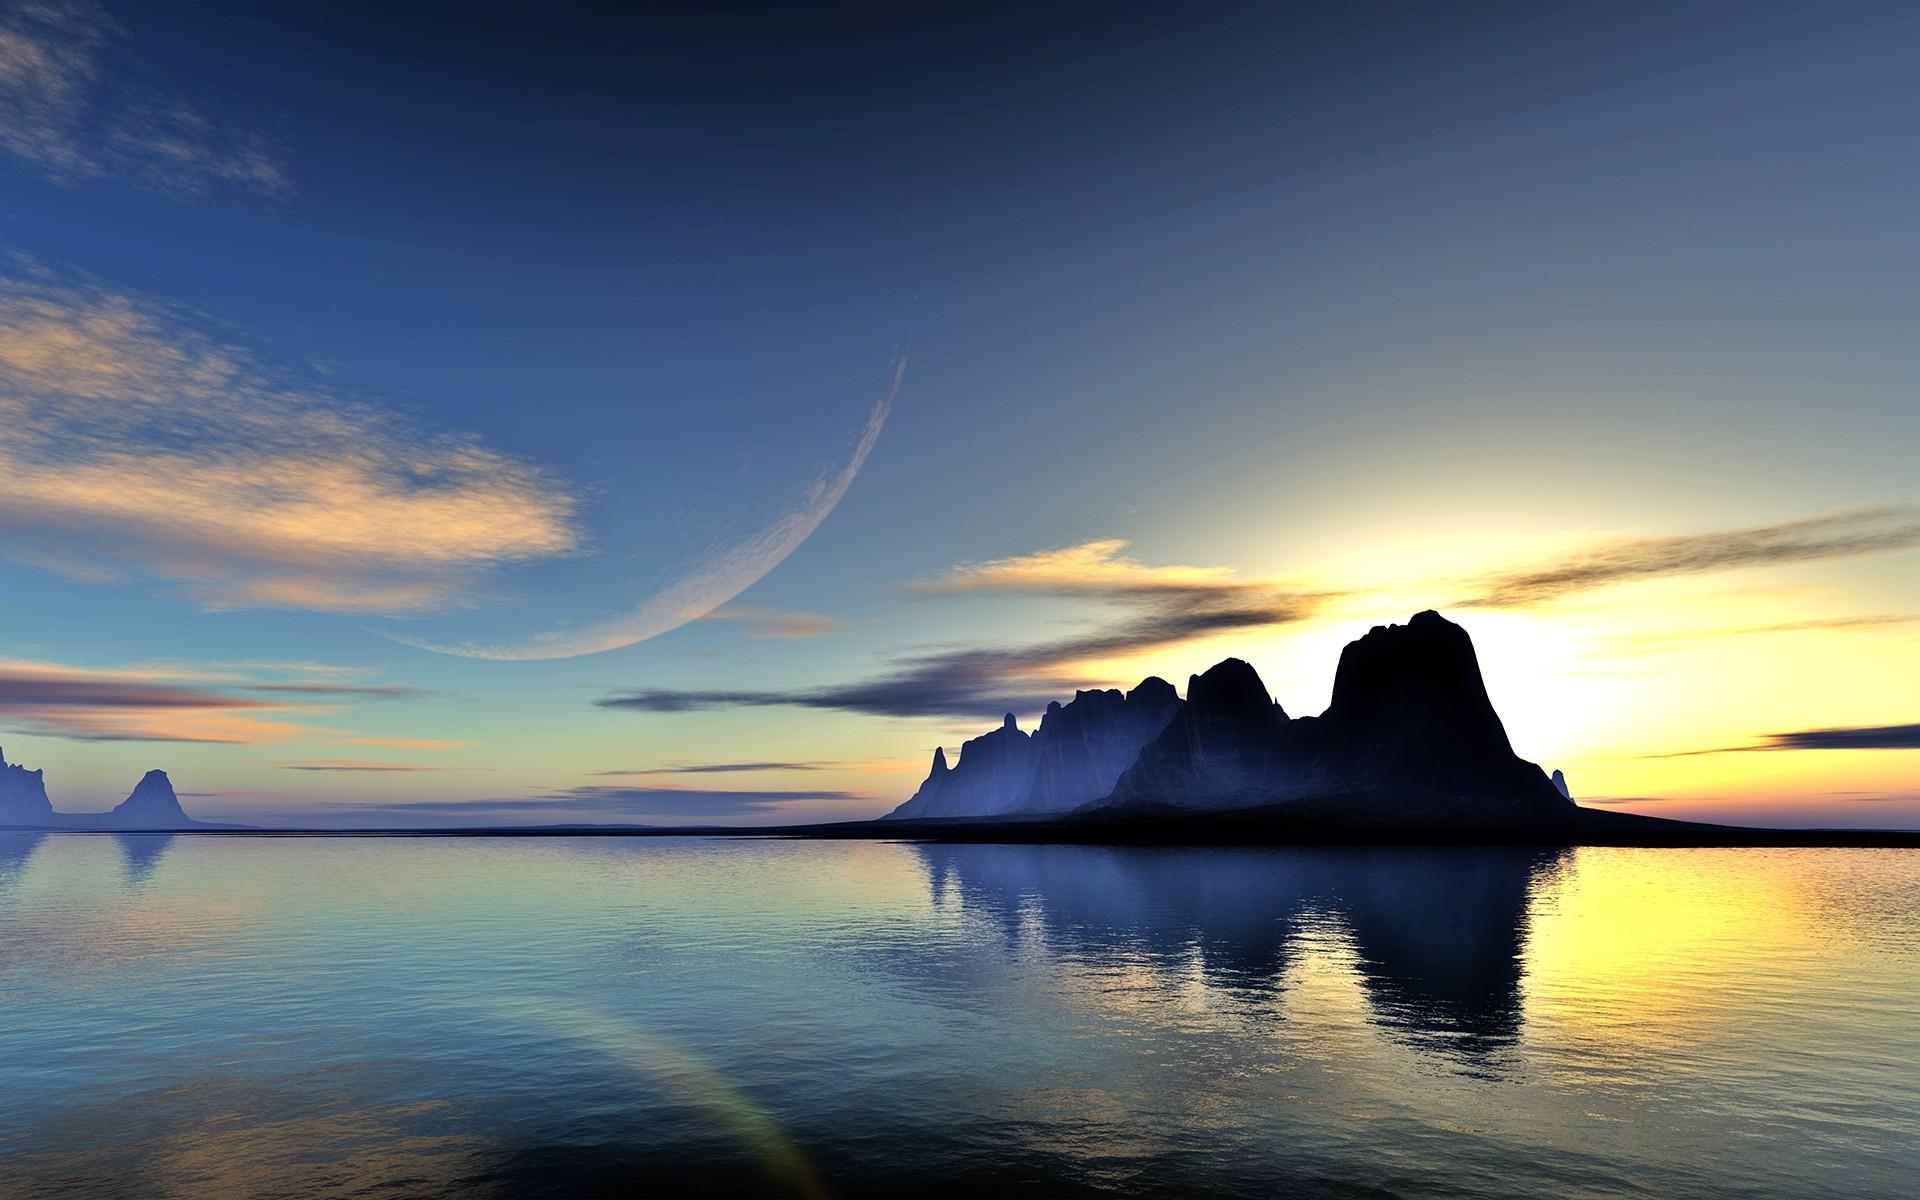 природа скалы море солнце облака отражение бесплатно